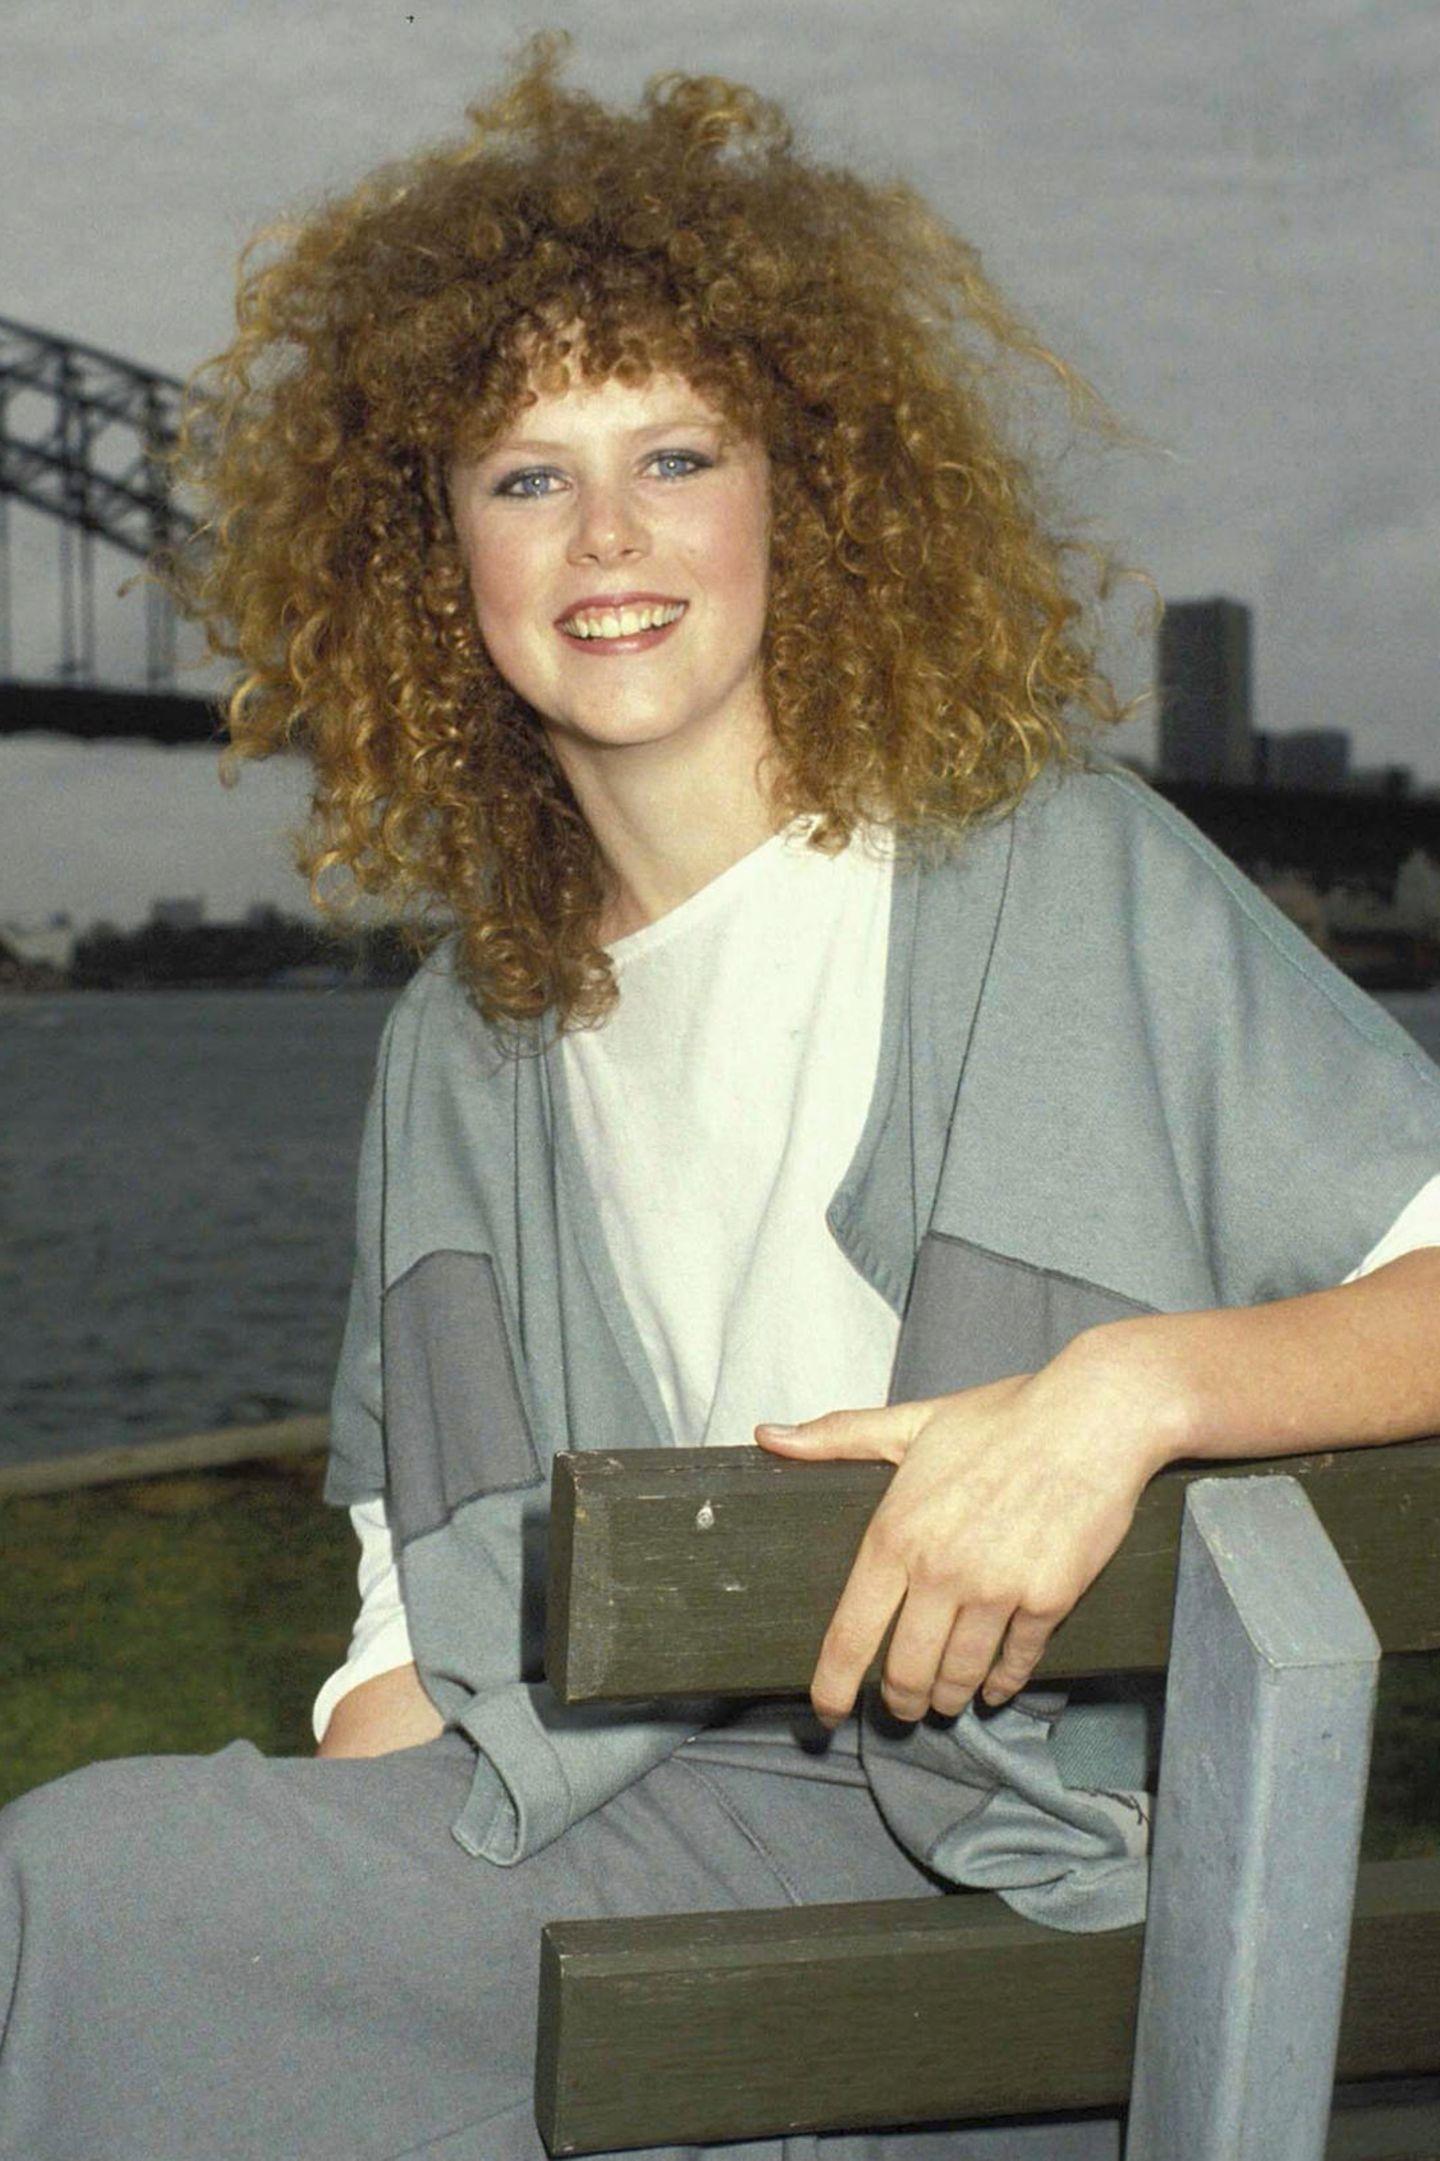 """Den Beginn ihrer Karriere legt Nicole Kidman als rot-brünetter Lockenkopf hin. Über Nacht wird sie in 1983 durch den Kinohit """"Bush Christmas"""" zum Star. Ihren Look und den Filmtitel kennen Sie nicht? Das kann gut sein. Schließlich ist Nicoles Bekanntheit zunächst auf ihre Heimat Australien beschränkt."""